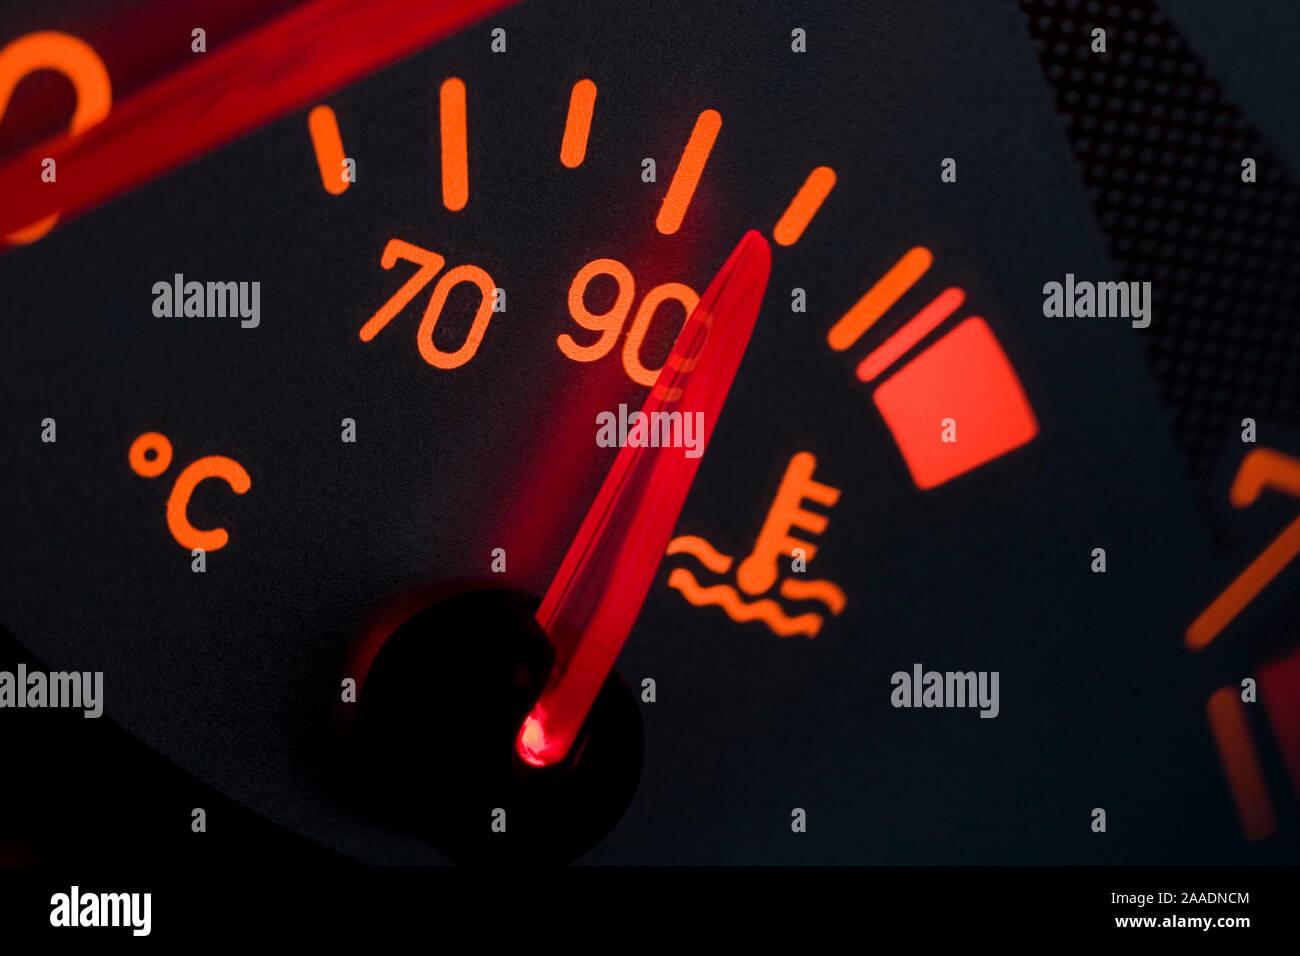 Wassertemperaturanzeige eines Peugeot 206 CC (no pr) Stock Photo